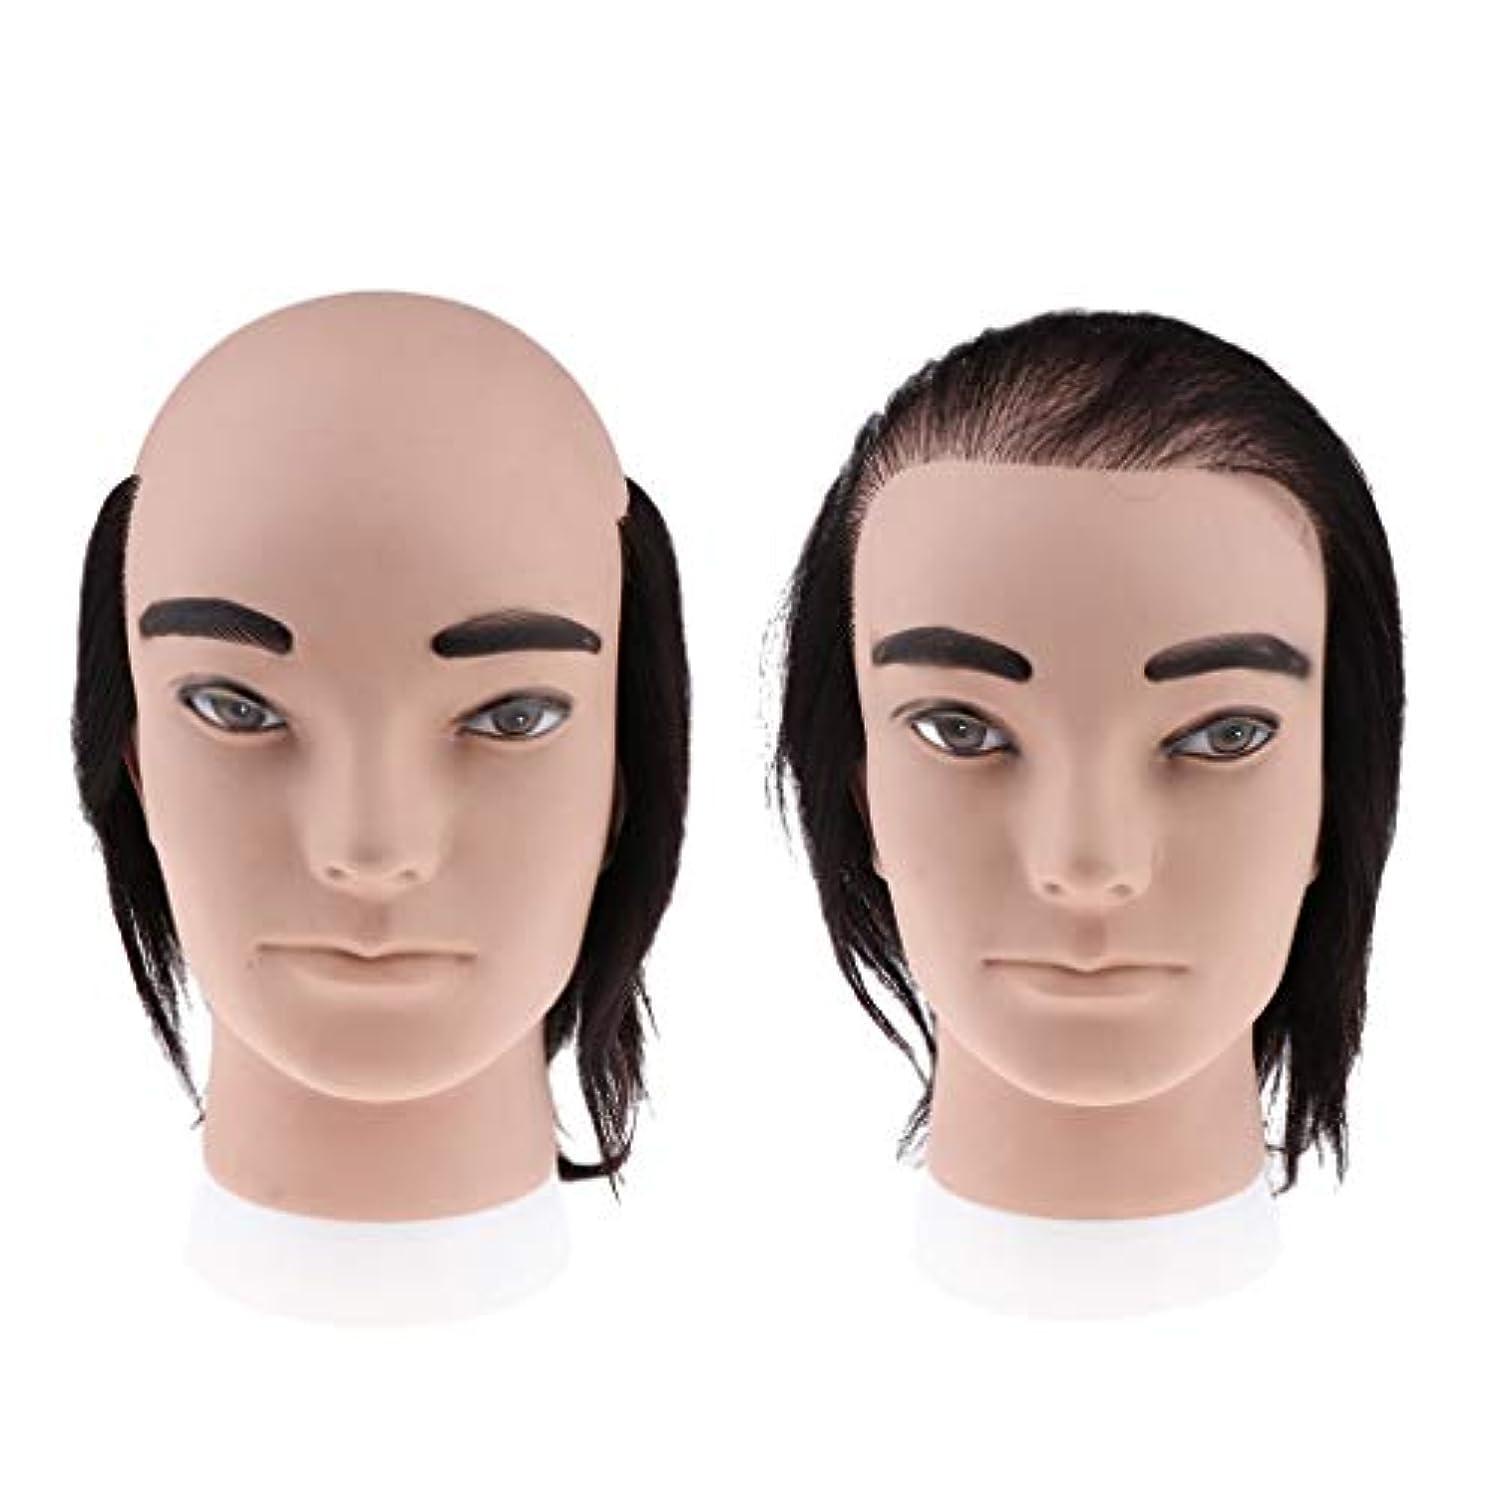 民族主義出来事希少性T TOOYFUL 2本 男性 マネキンヘッド 美容マネキン 理髪トレーニング 織りヘッド 柔らかい 人毛 再利用可能